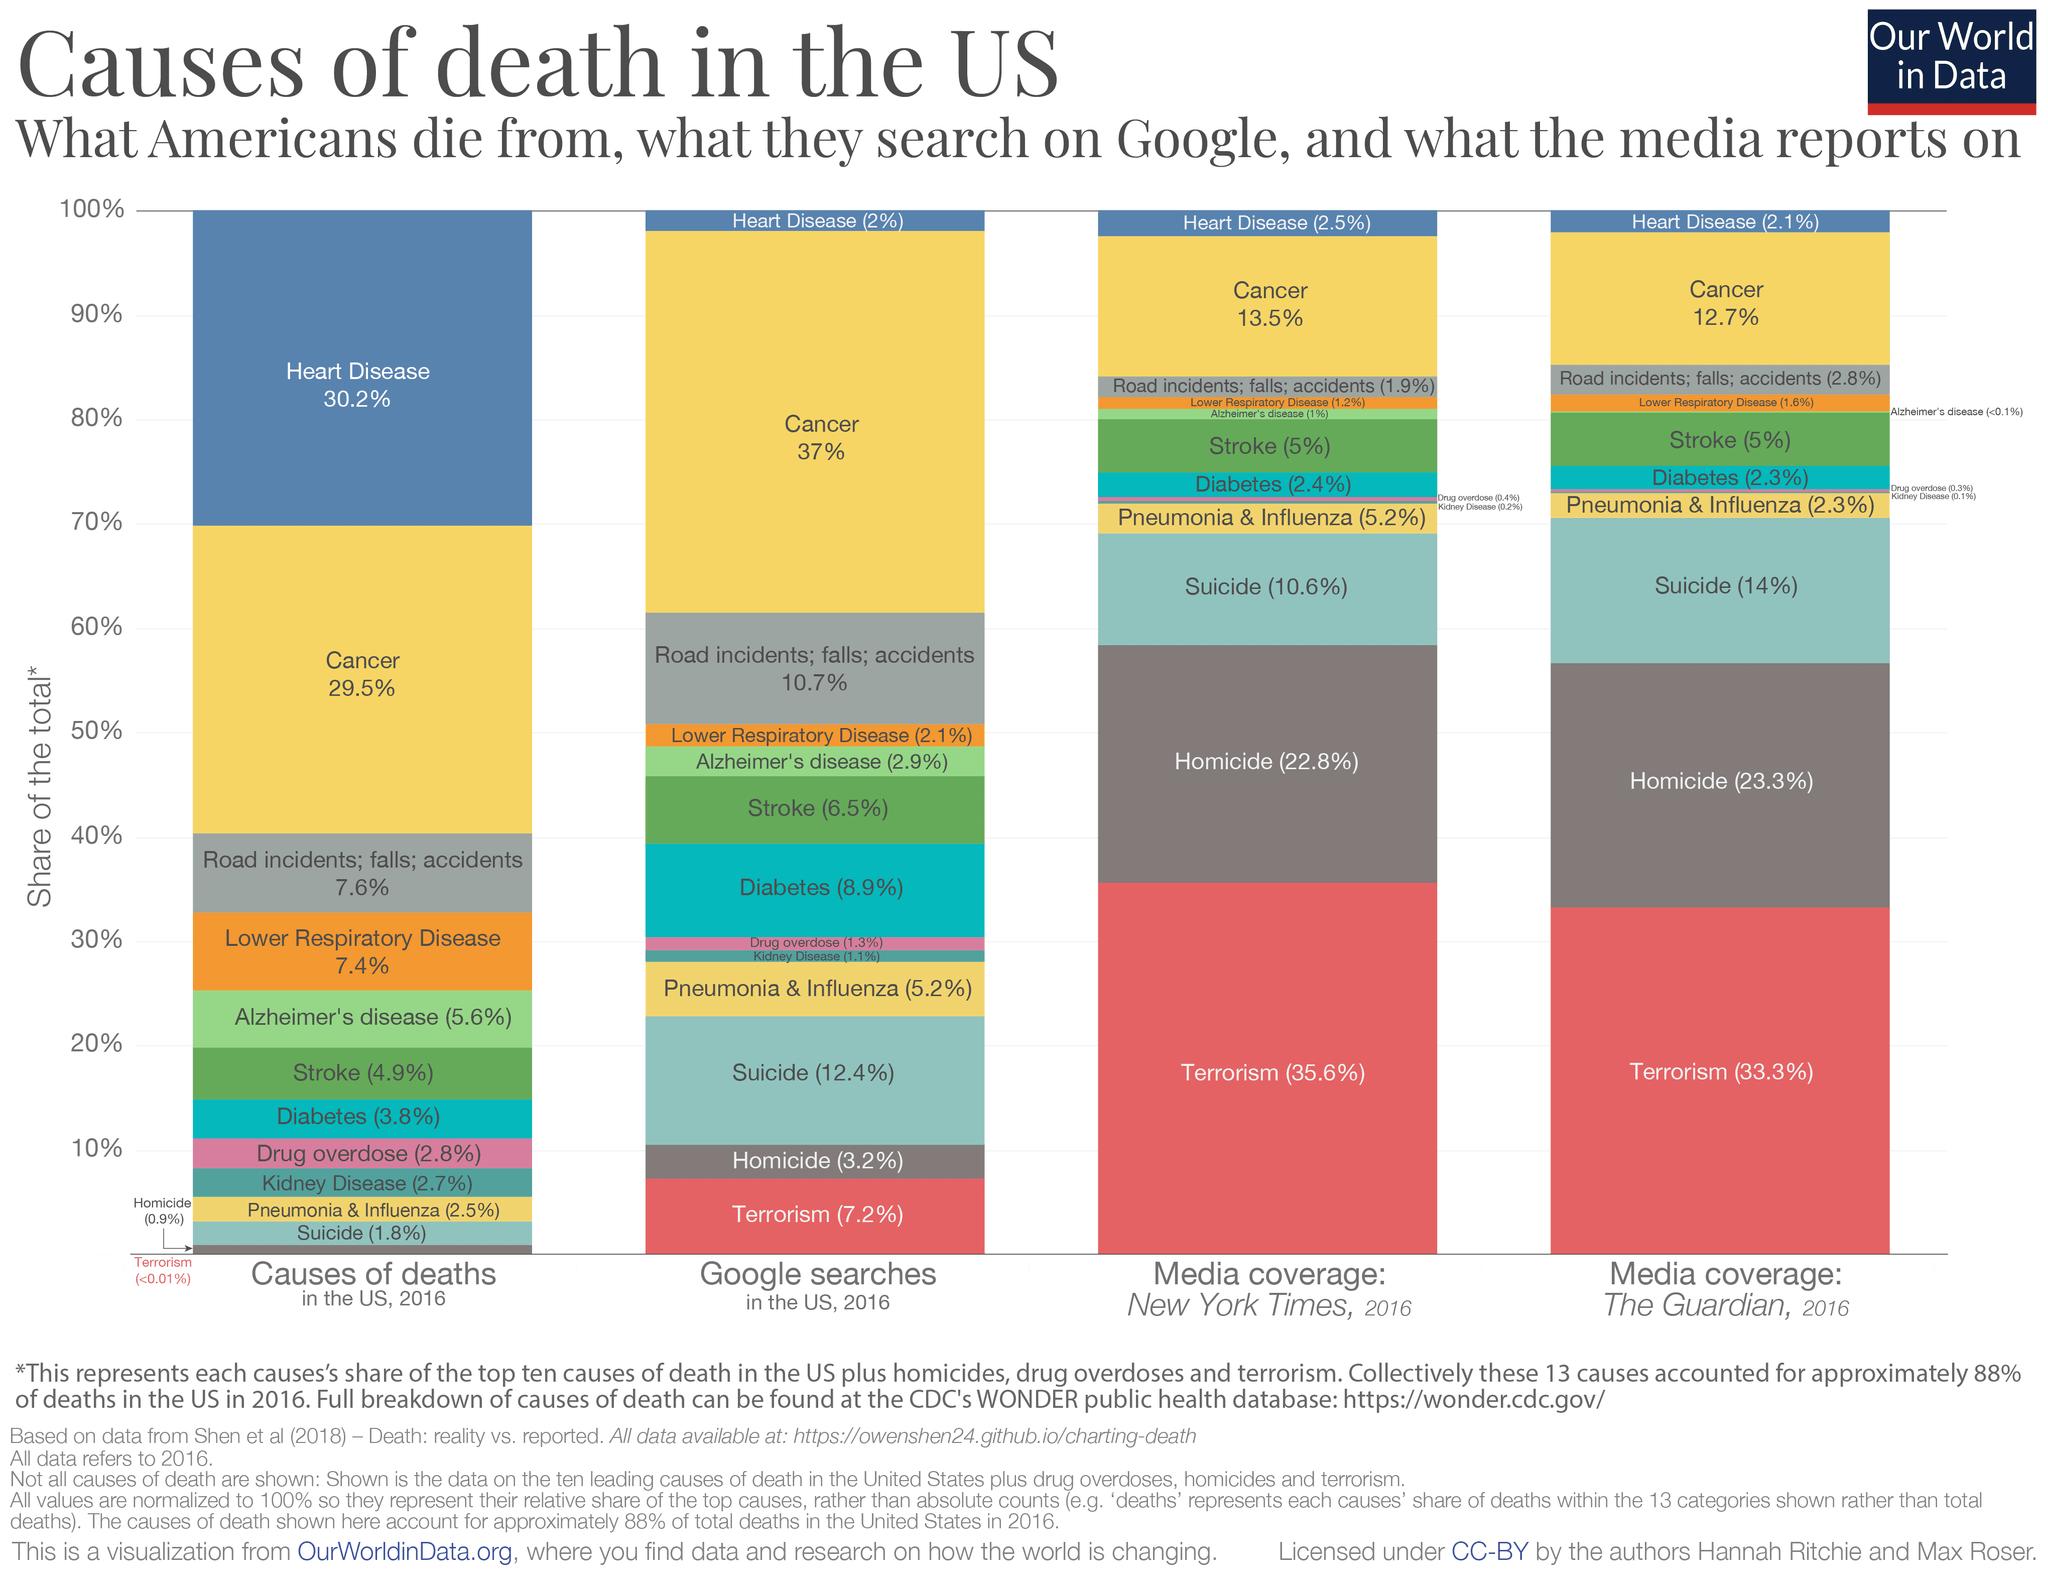 Полная версия инфографики: статистика смертей, запросы в Google, темы газет